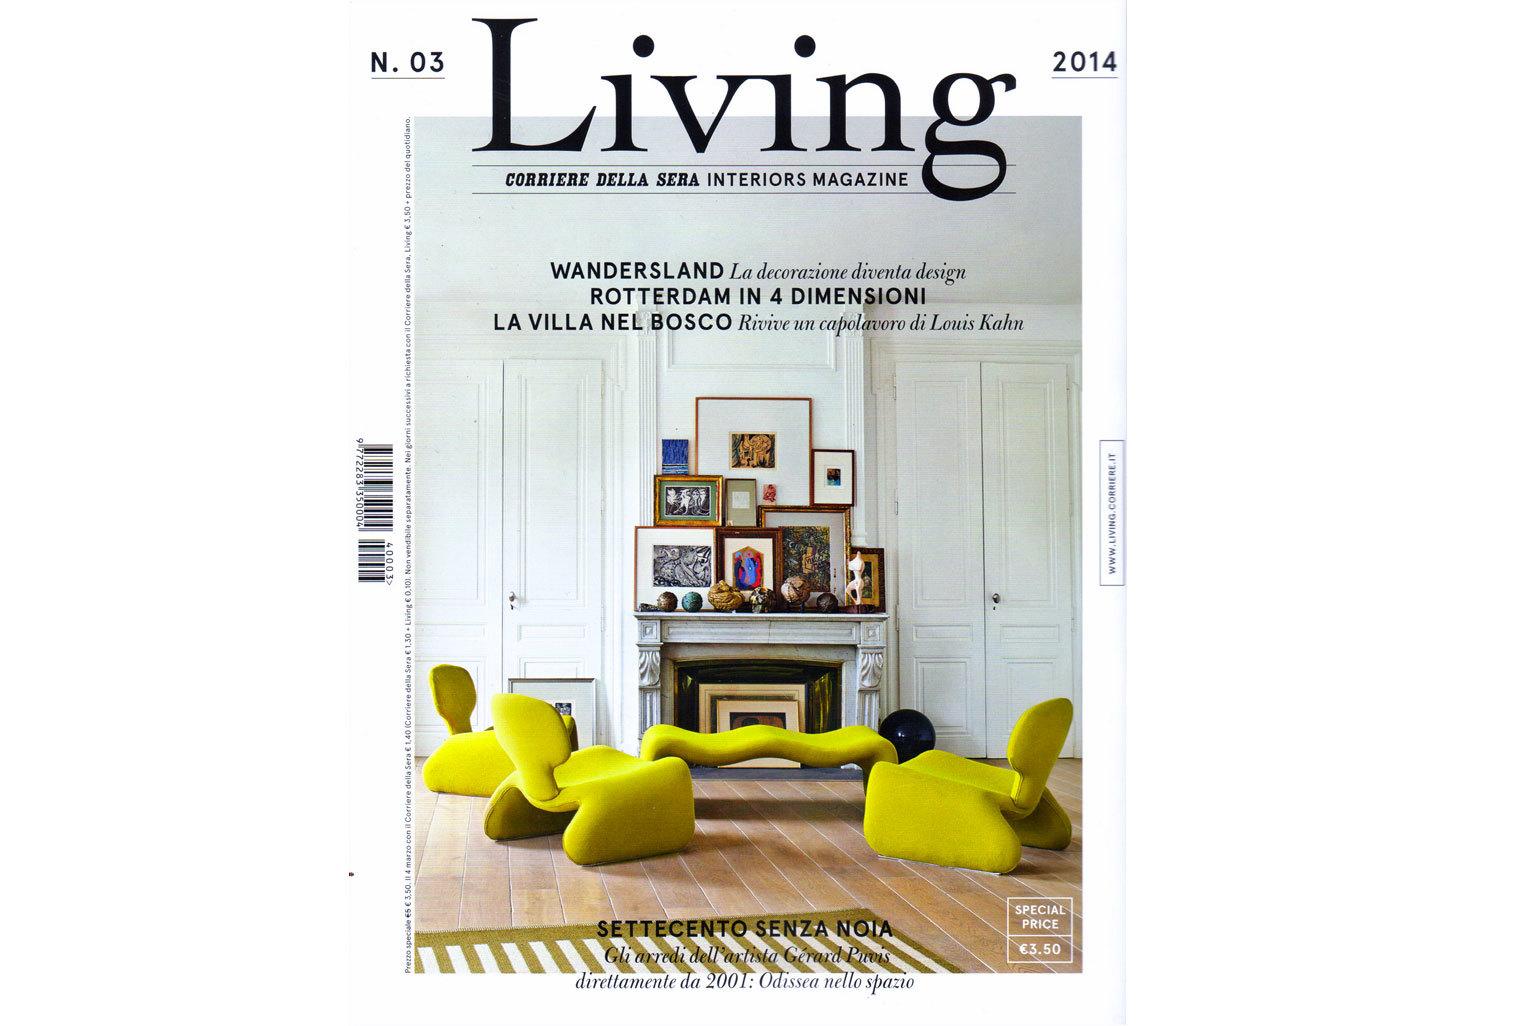 Le tapis Tilky est présenté dans le Living N°3